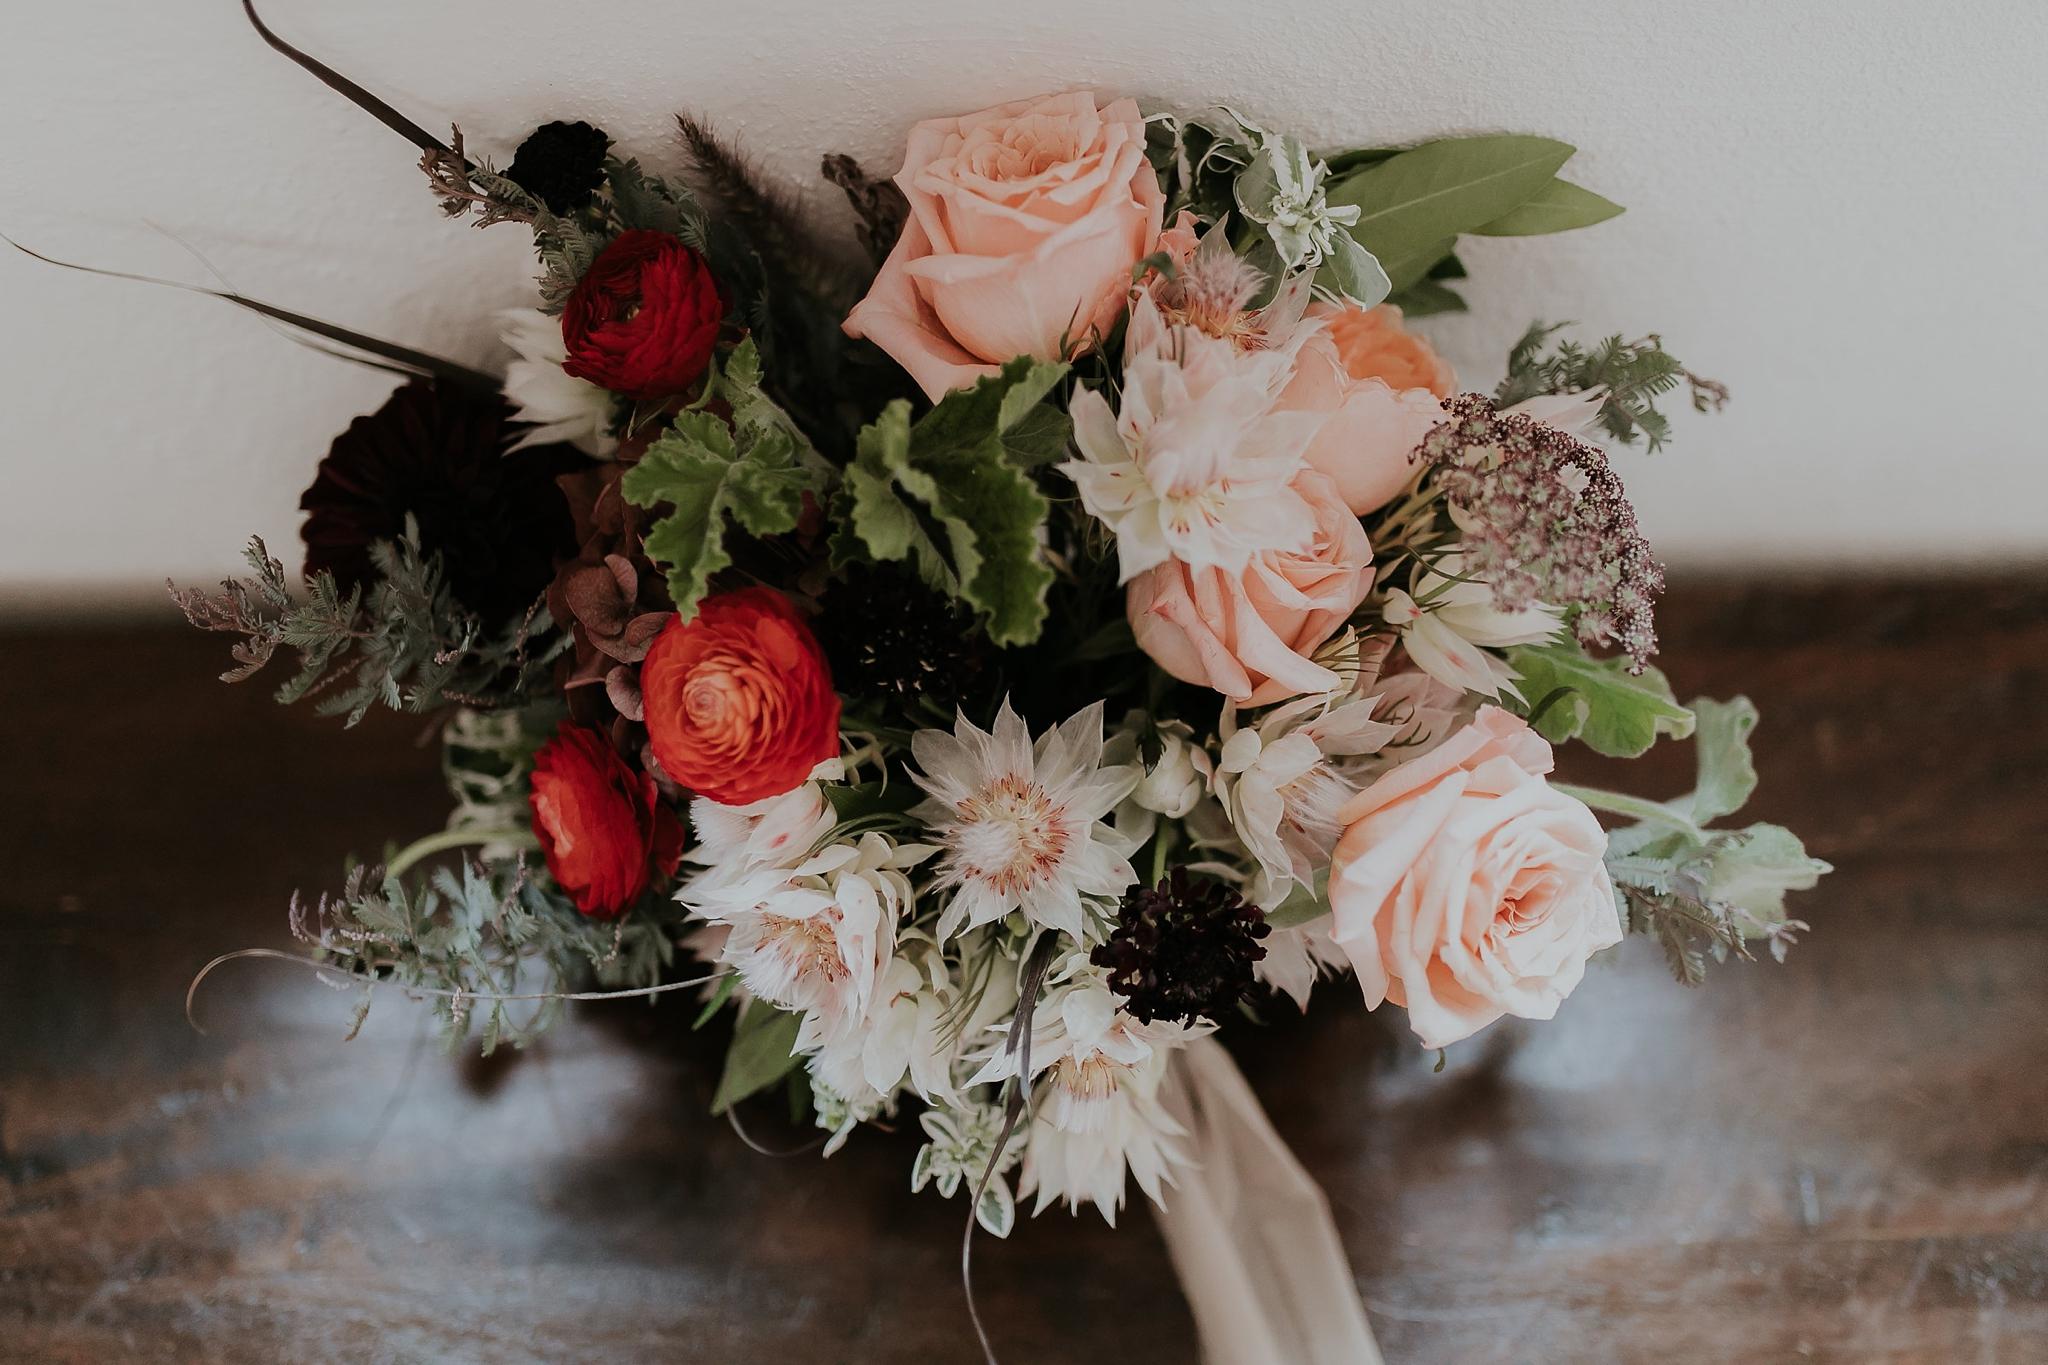 Alicia+lucia+photography+-+albuquerque+wedding+photographer+-+santa+fe+wedding+photography+-+new+mexico+wedding+photographer+-+new+mexico+florist+-+wedding+florist+-+renegade+floral_0082.jpg